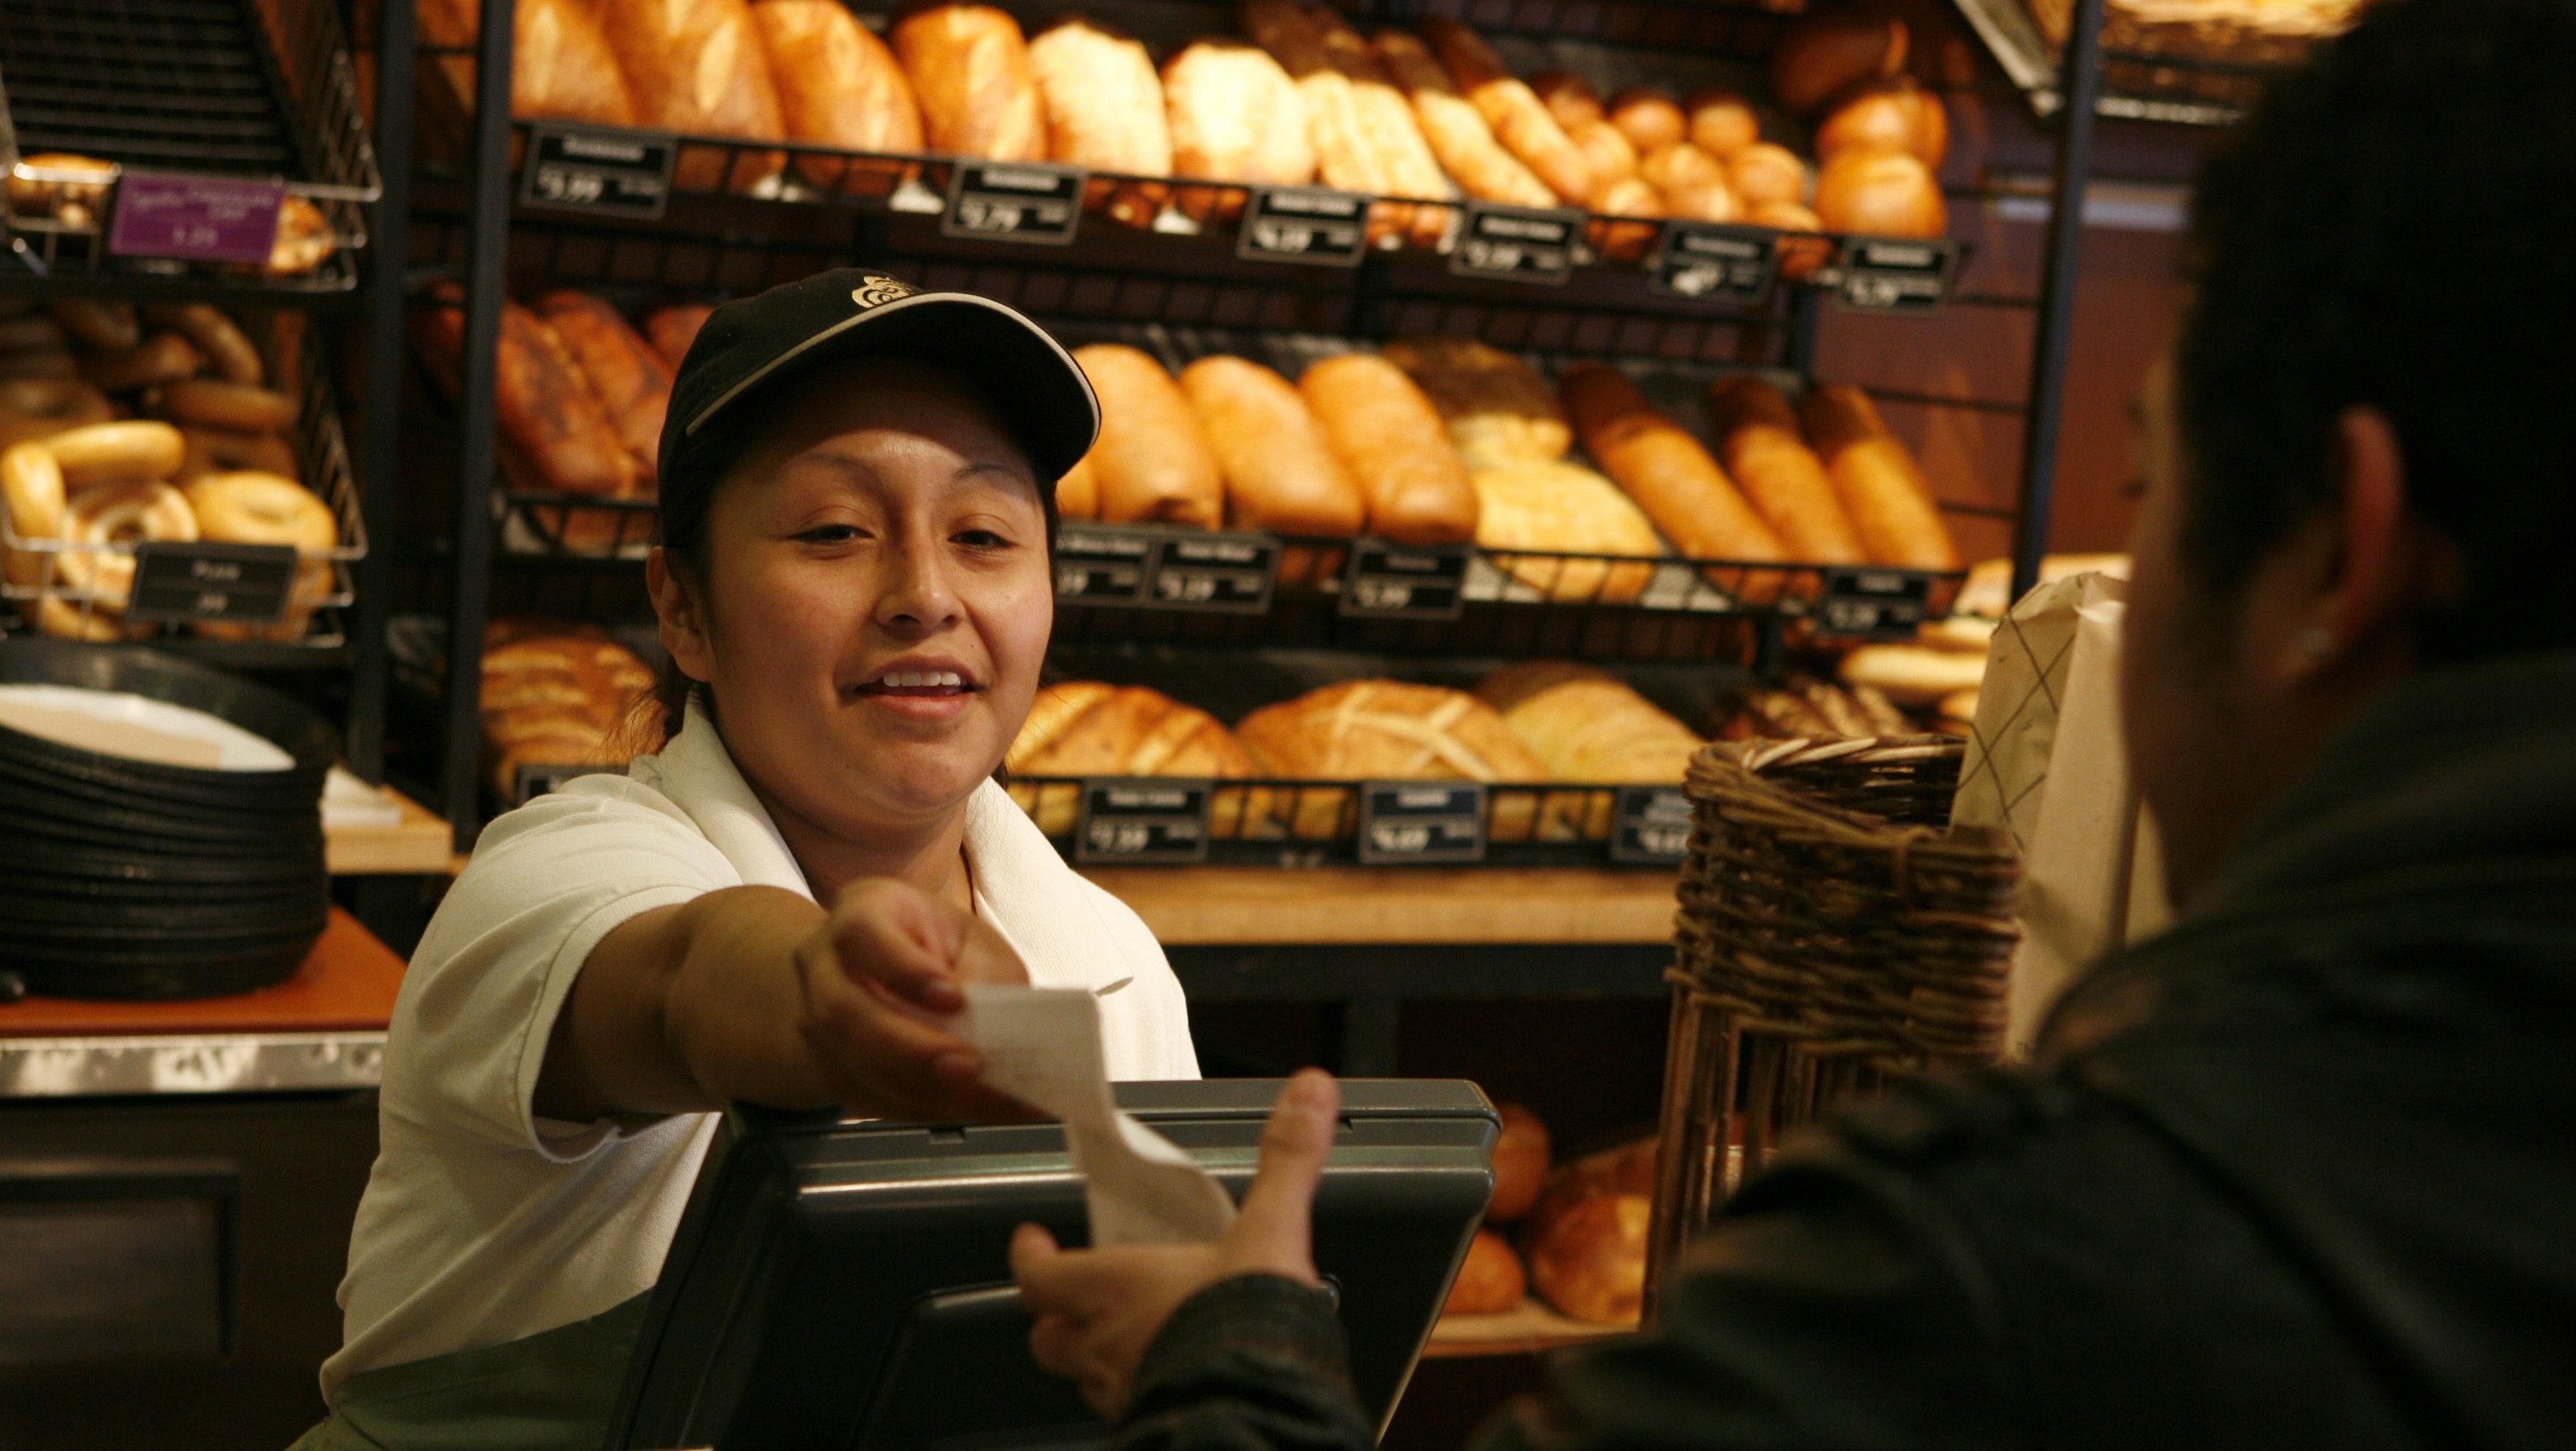 panera-no-no-list-bread-artificial-preservatives-ingredients 2